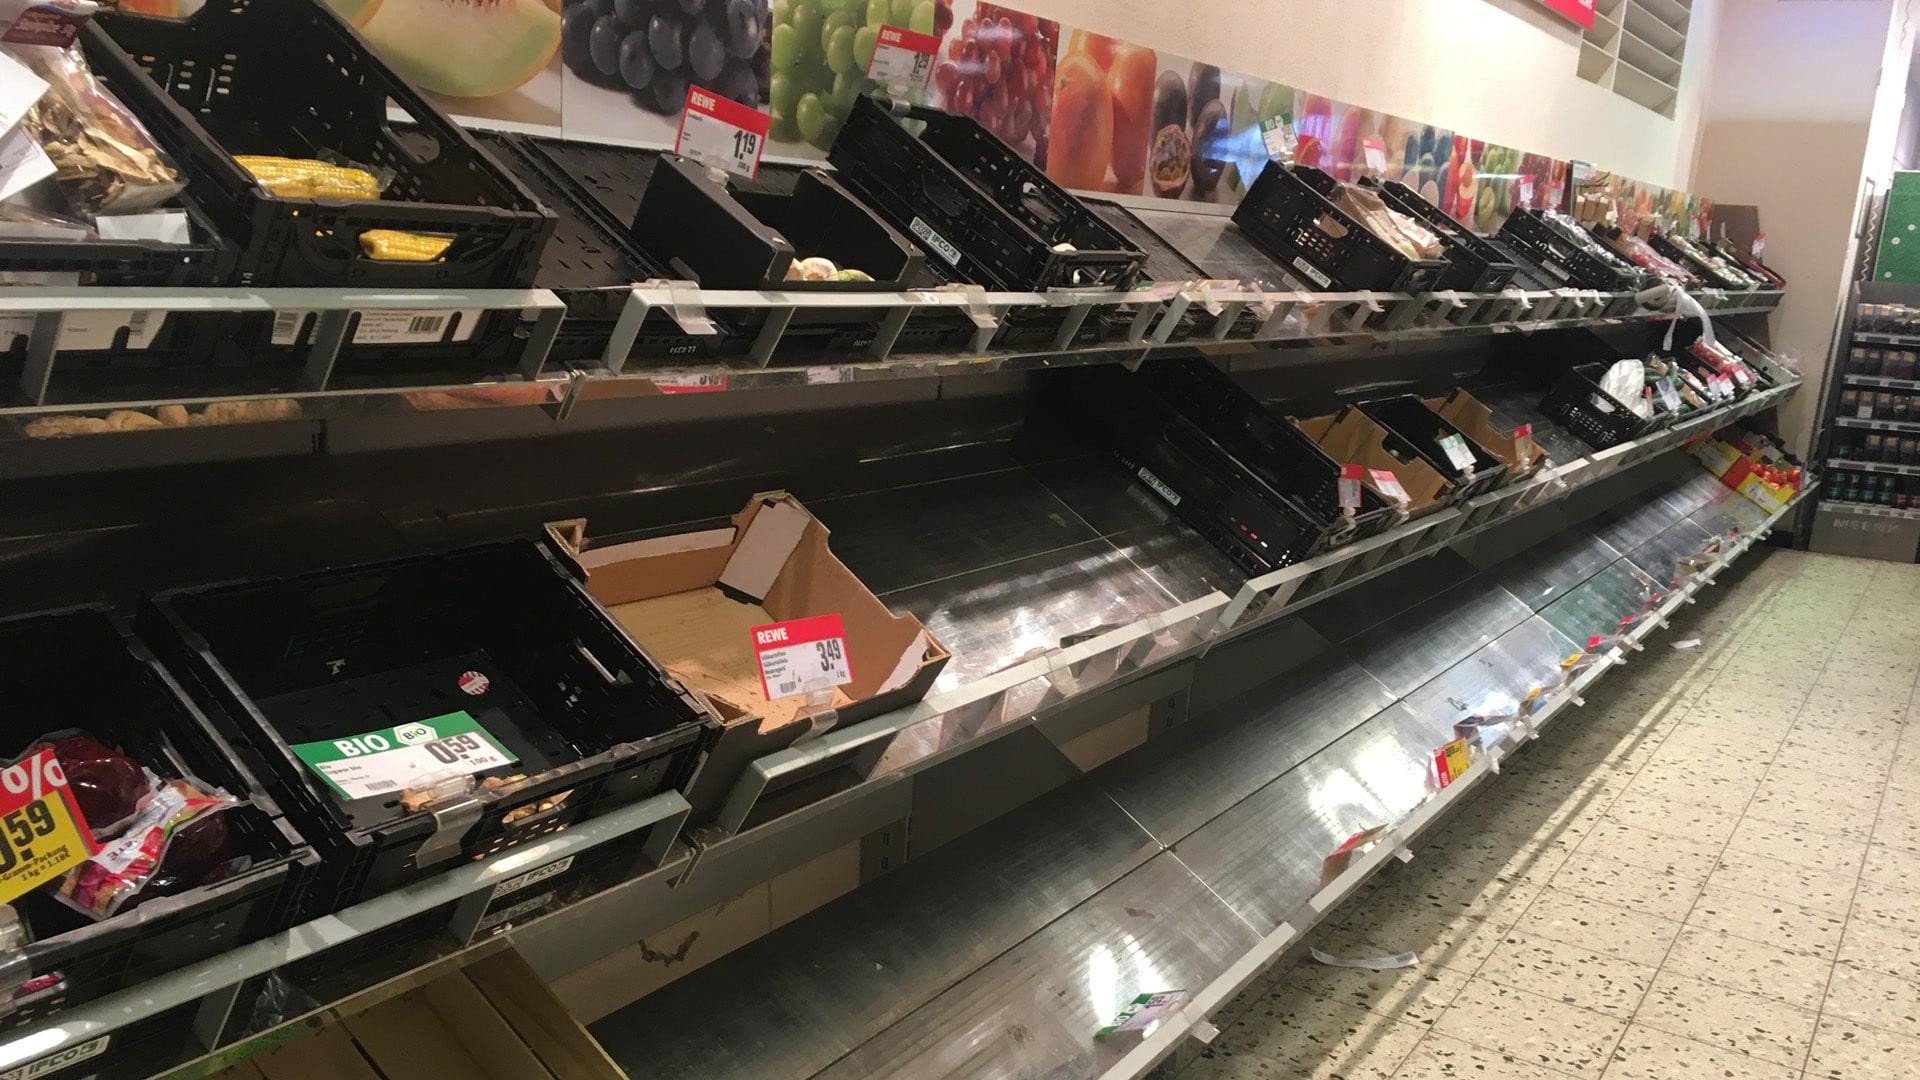 Eher kein Ausdruck von besonnenem Handeln: Aus Sorge vor häuslicher Quarantäne kaufen Menschen die Supermärkte leer.